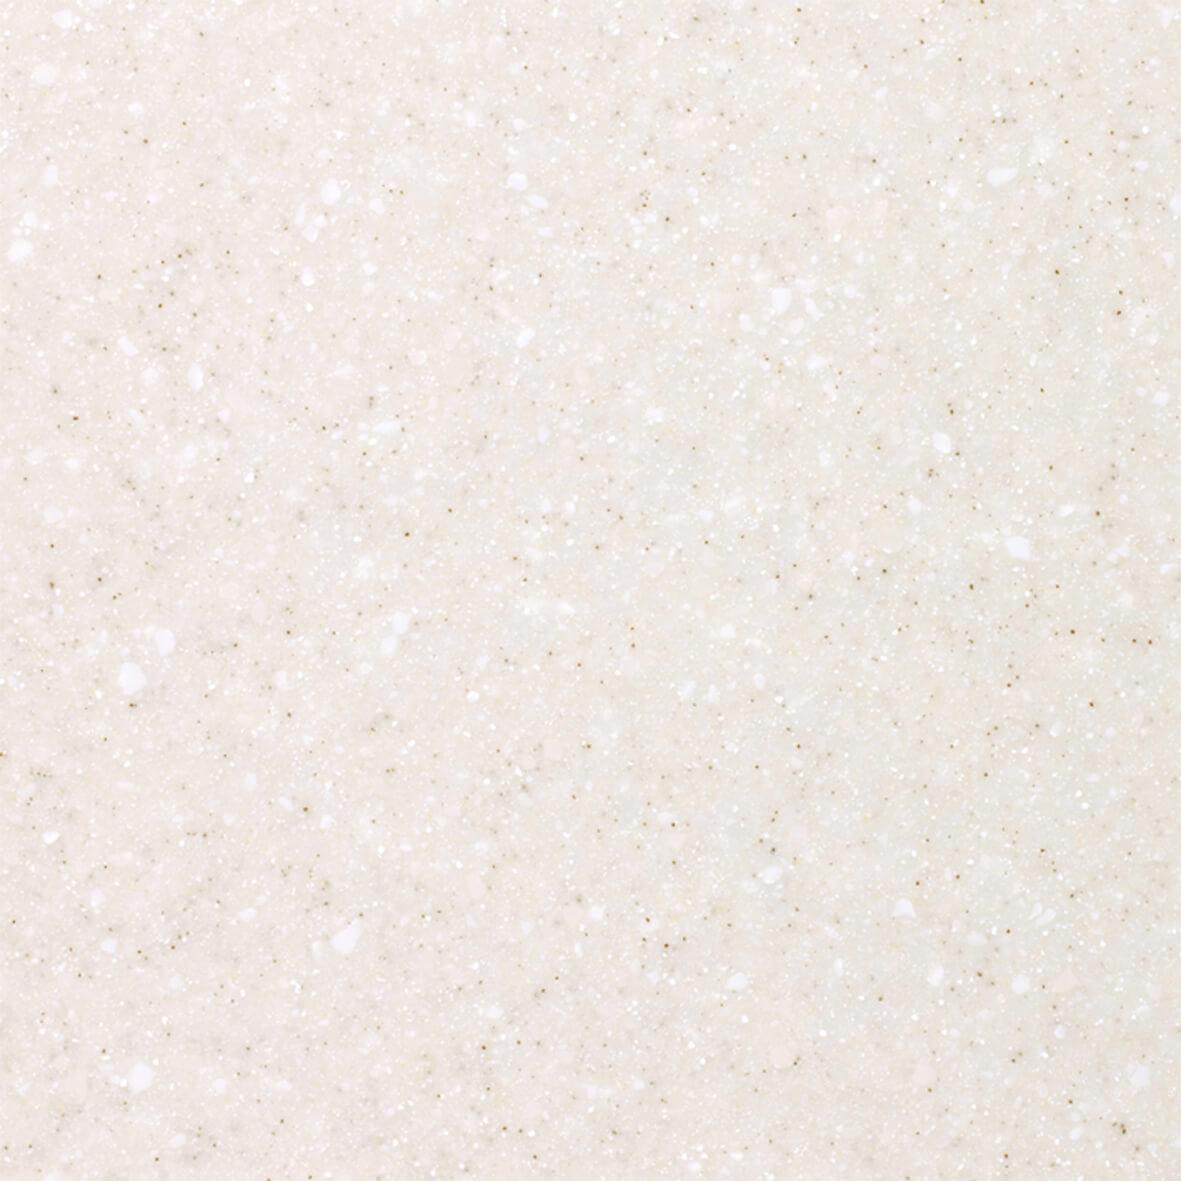 PS820メイン画像イメージ